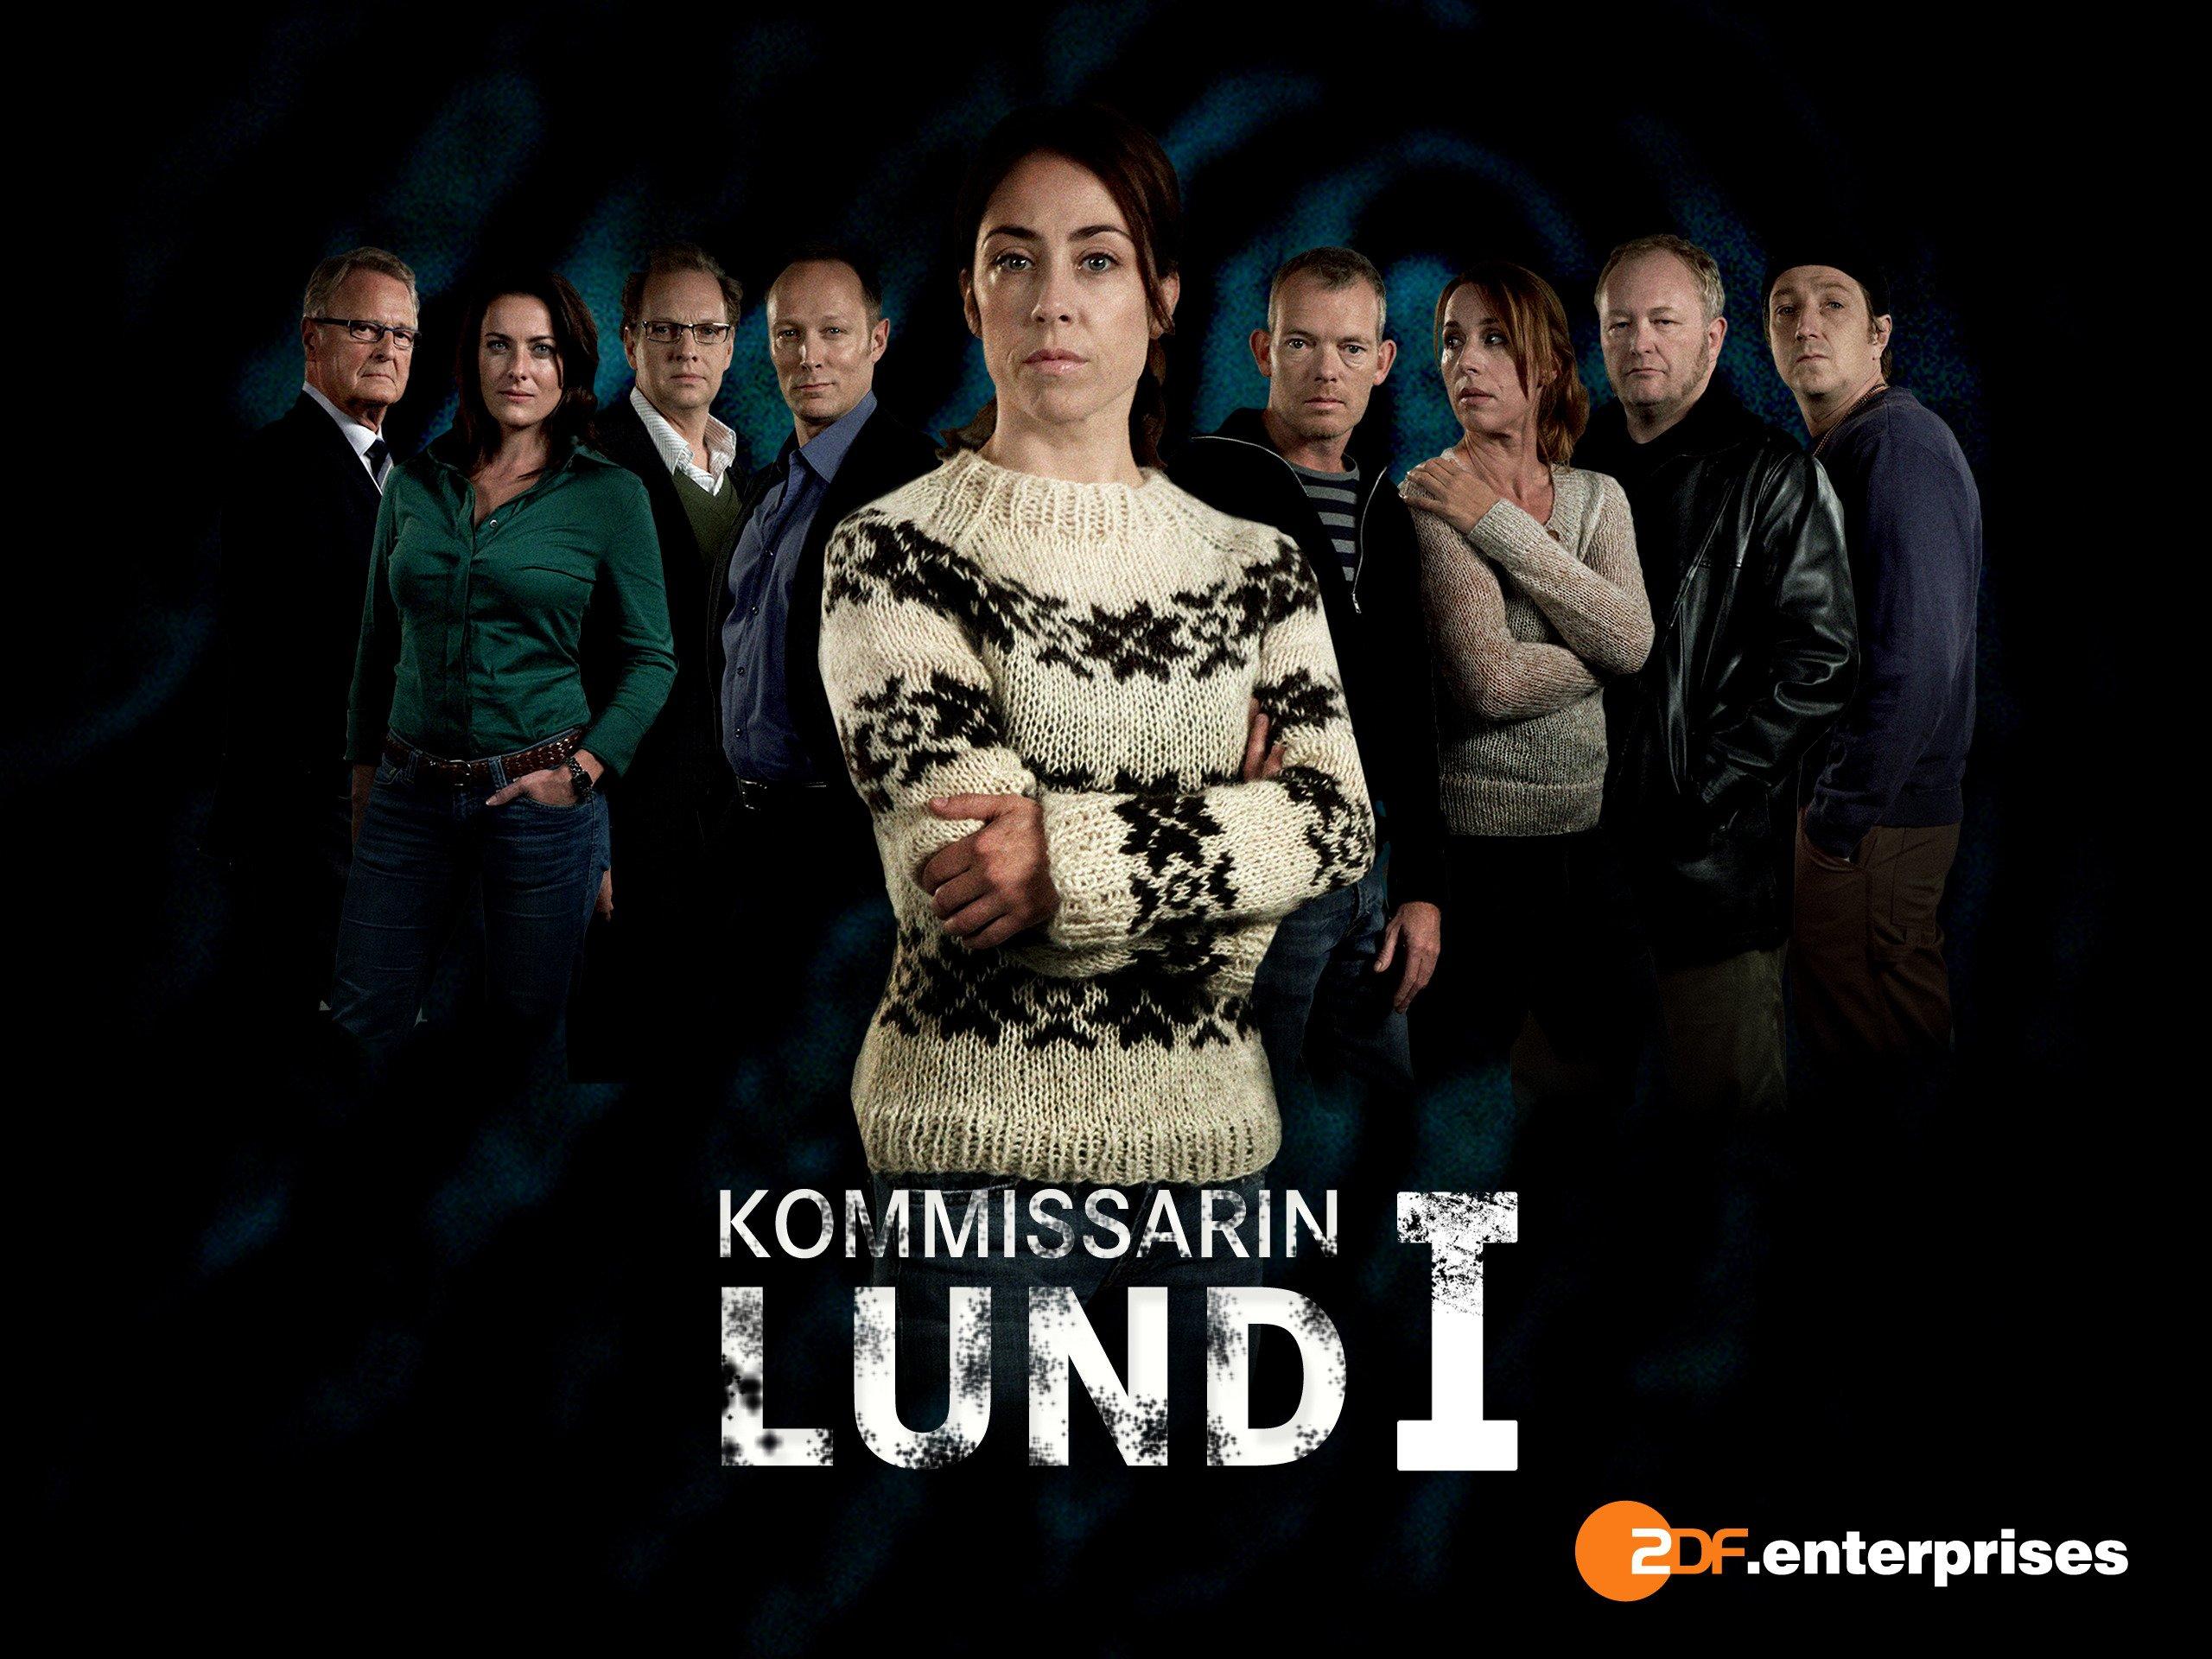 Komissarin Lund